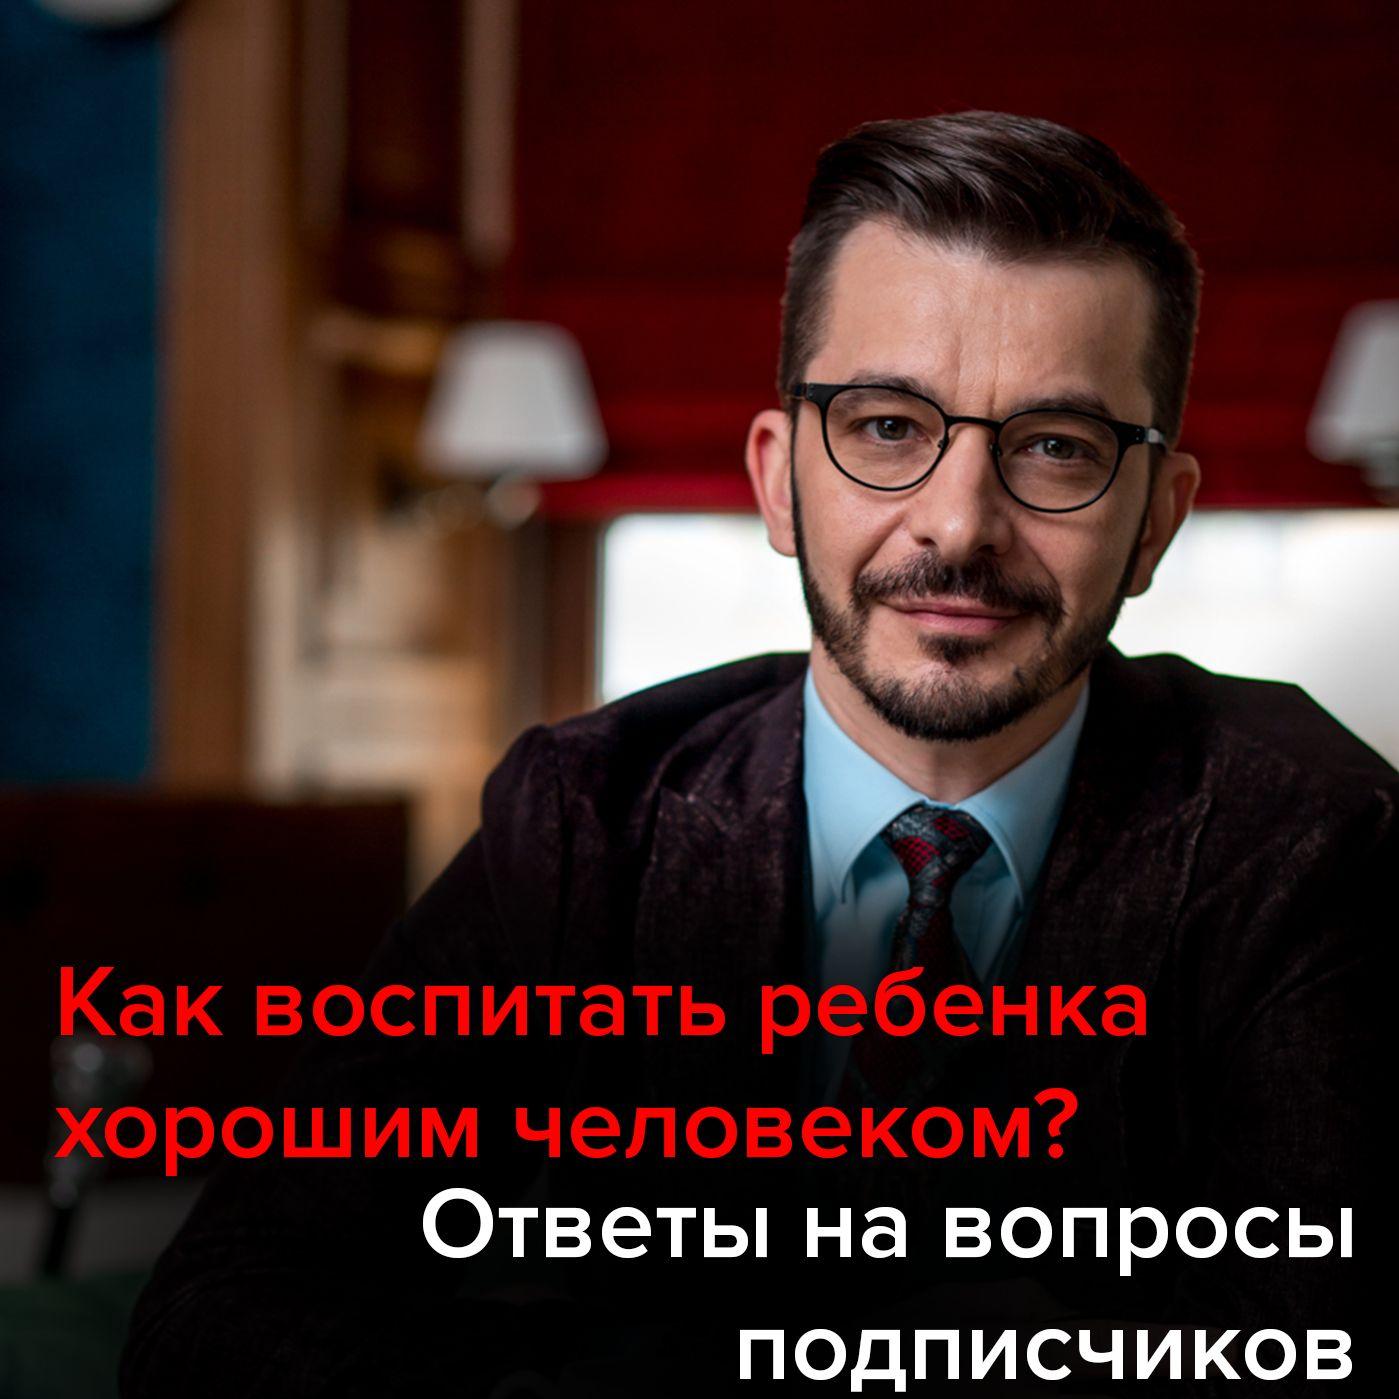 Андрей Курпатов Счастливый ребенок. Ответы на вопросы подписчиков андрей курпатов с нового года не получится